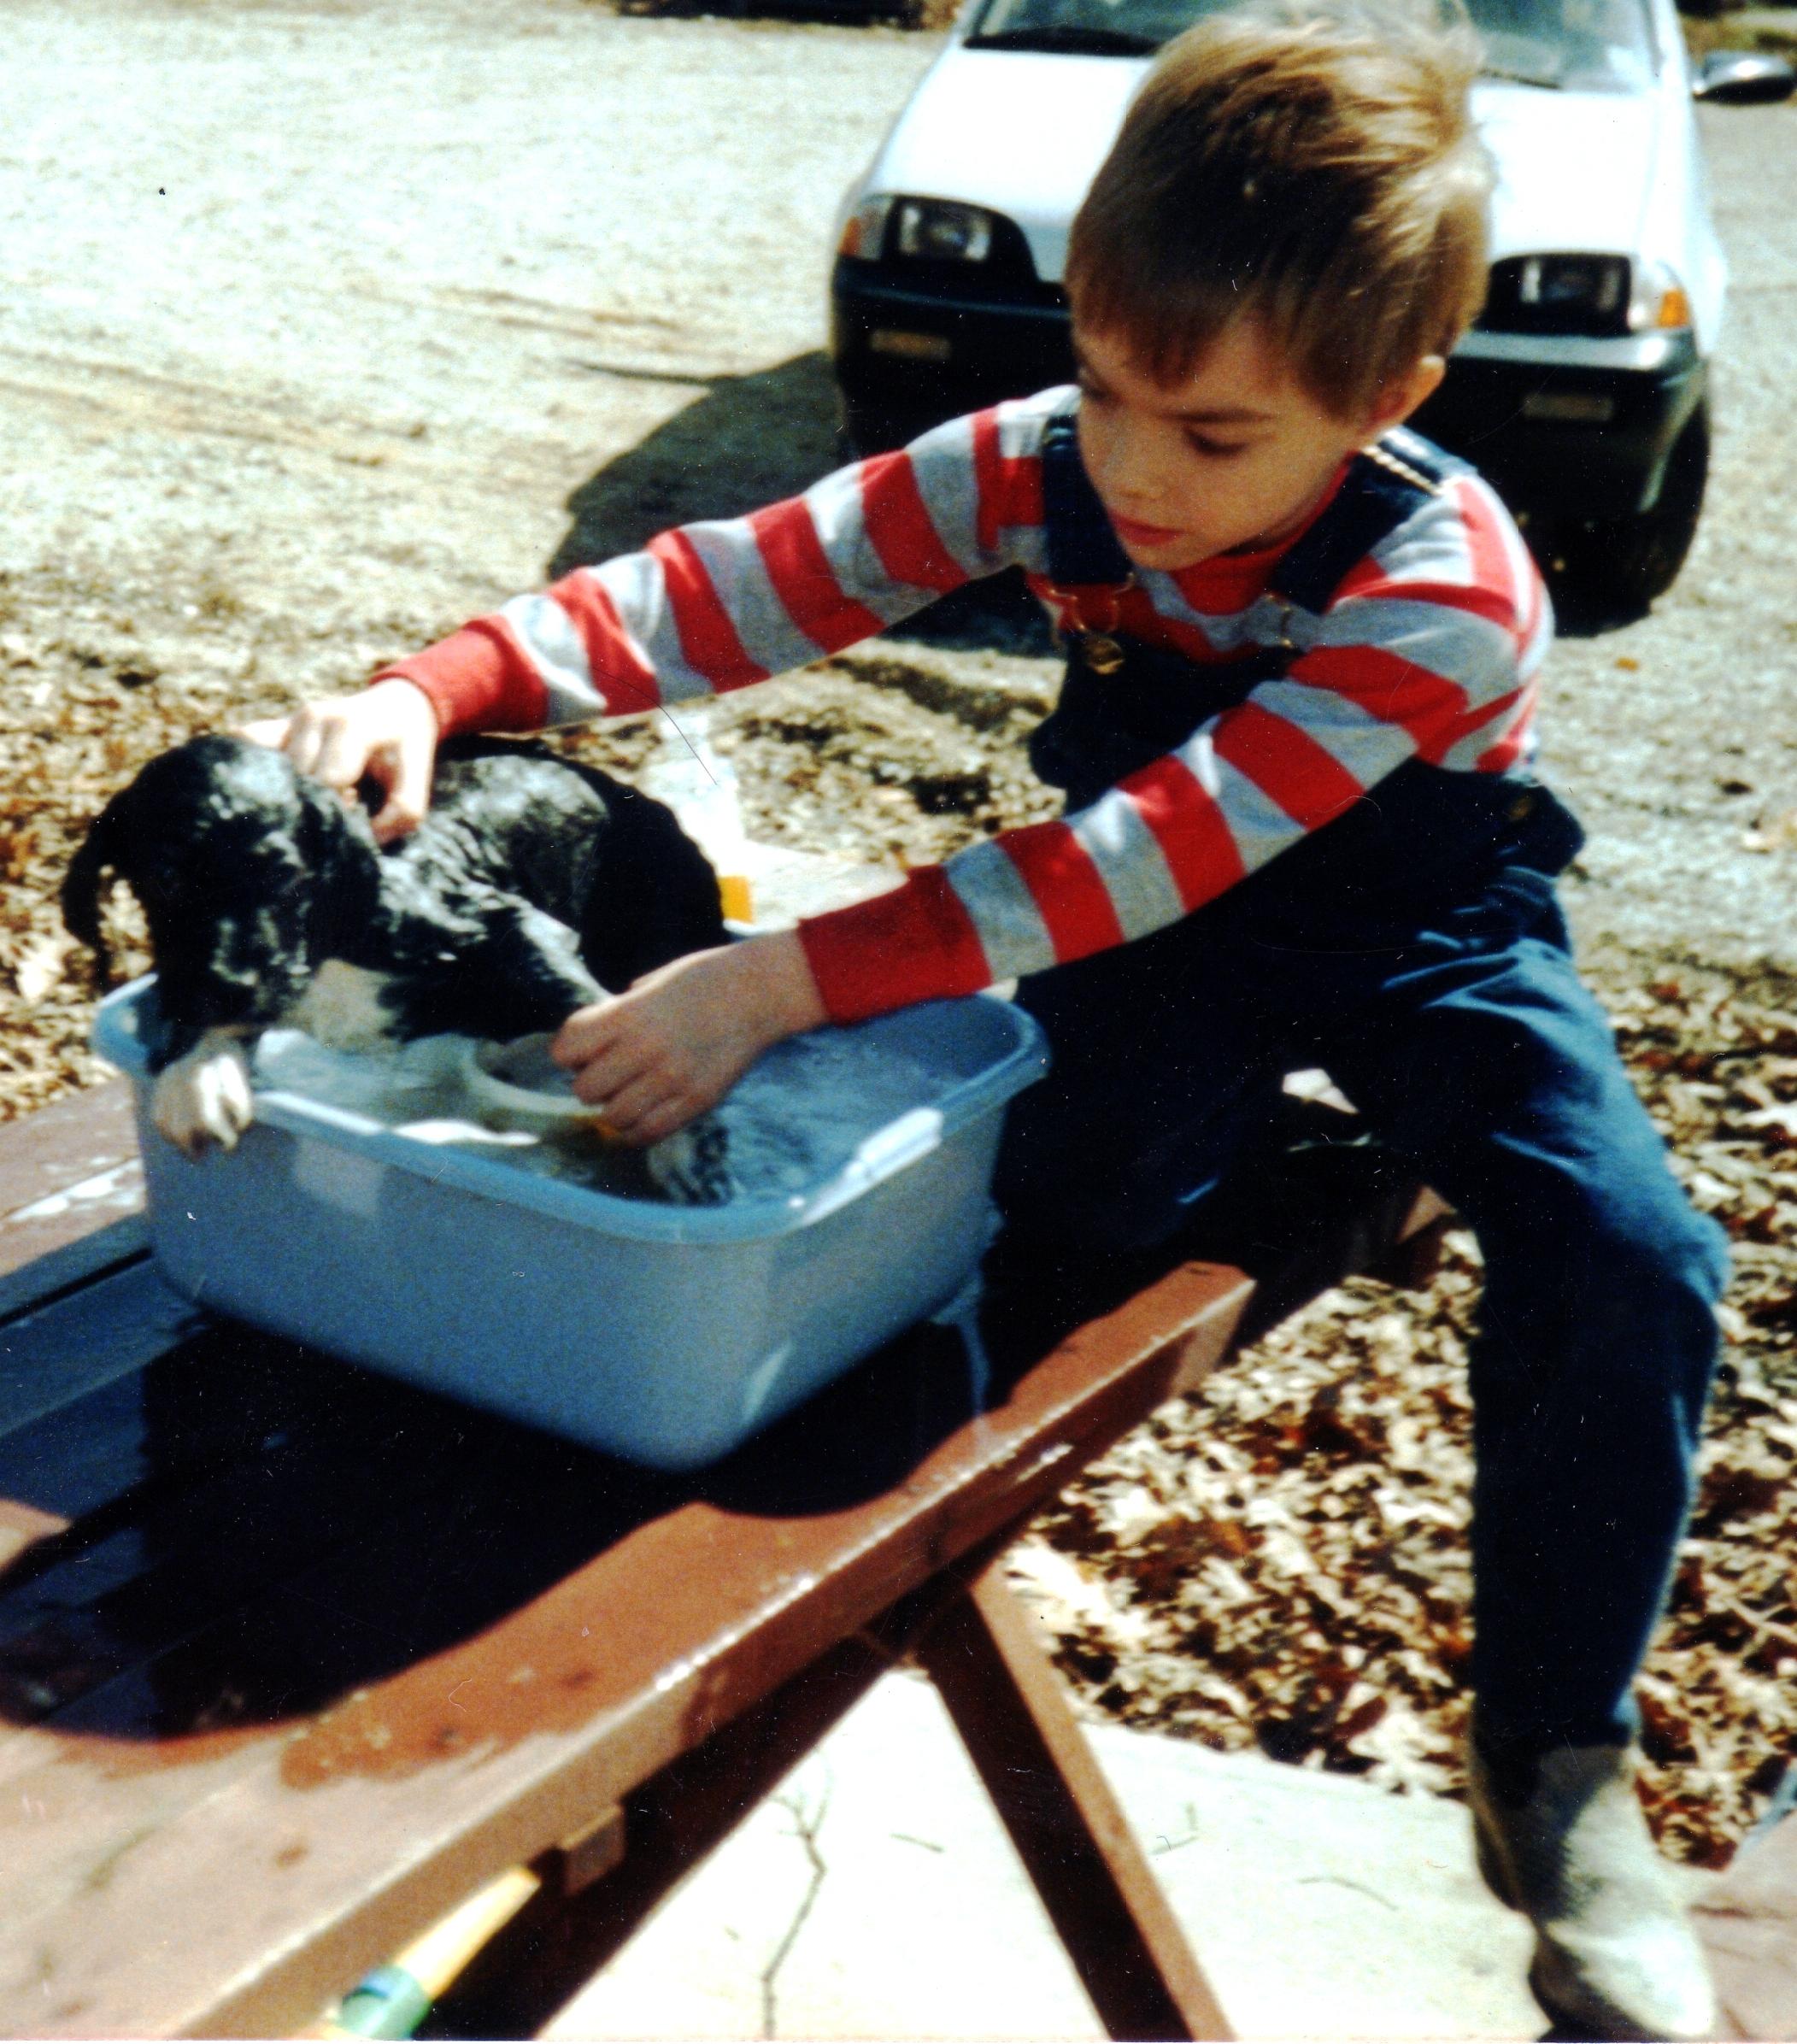 Chef Boy 'R Mine performing Saturday chores.